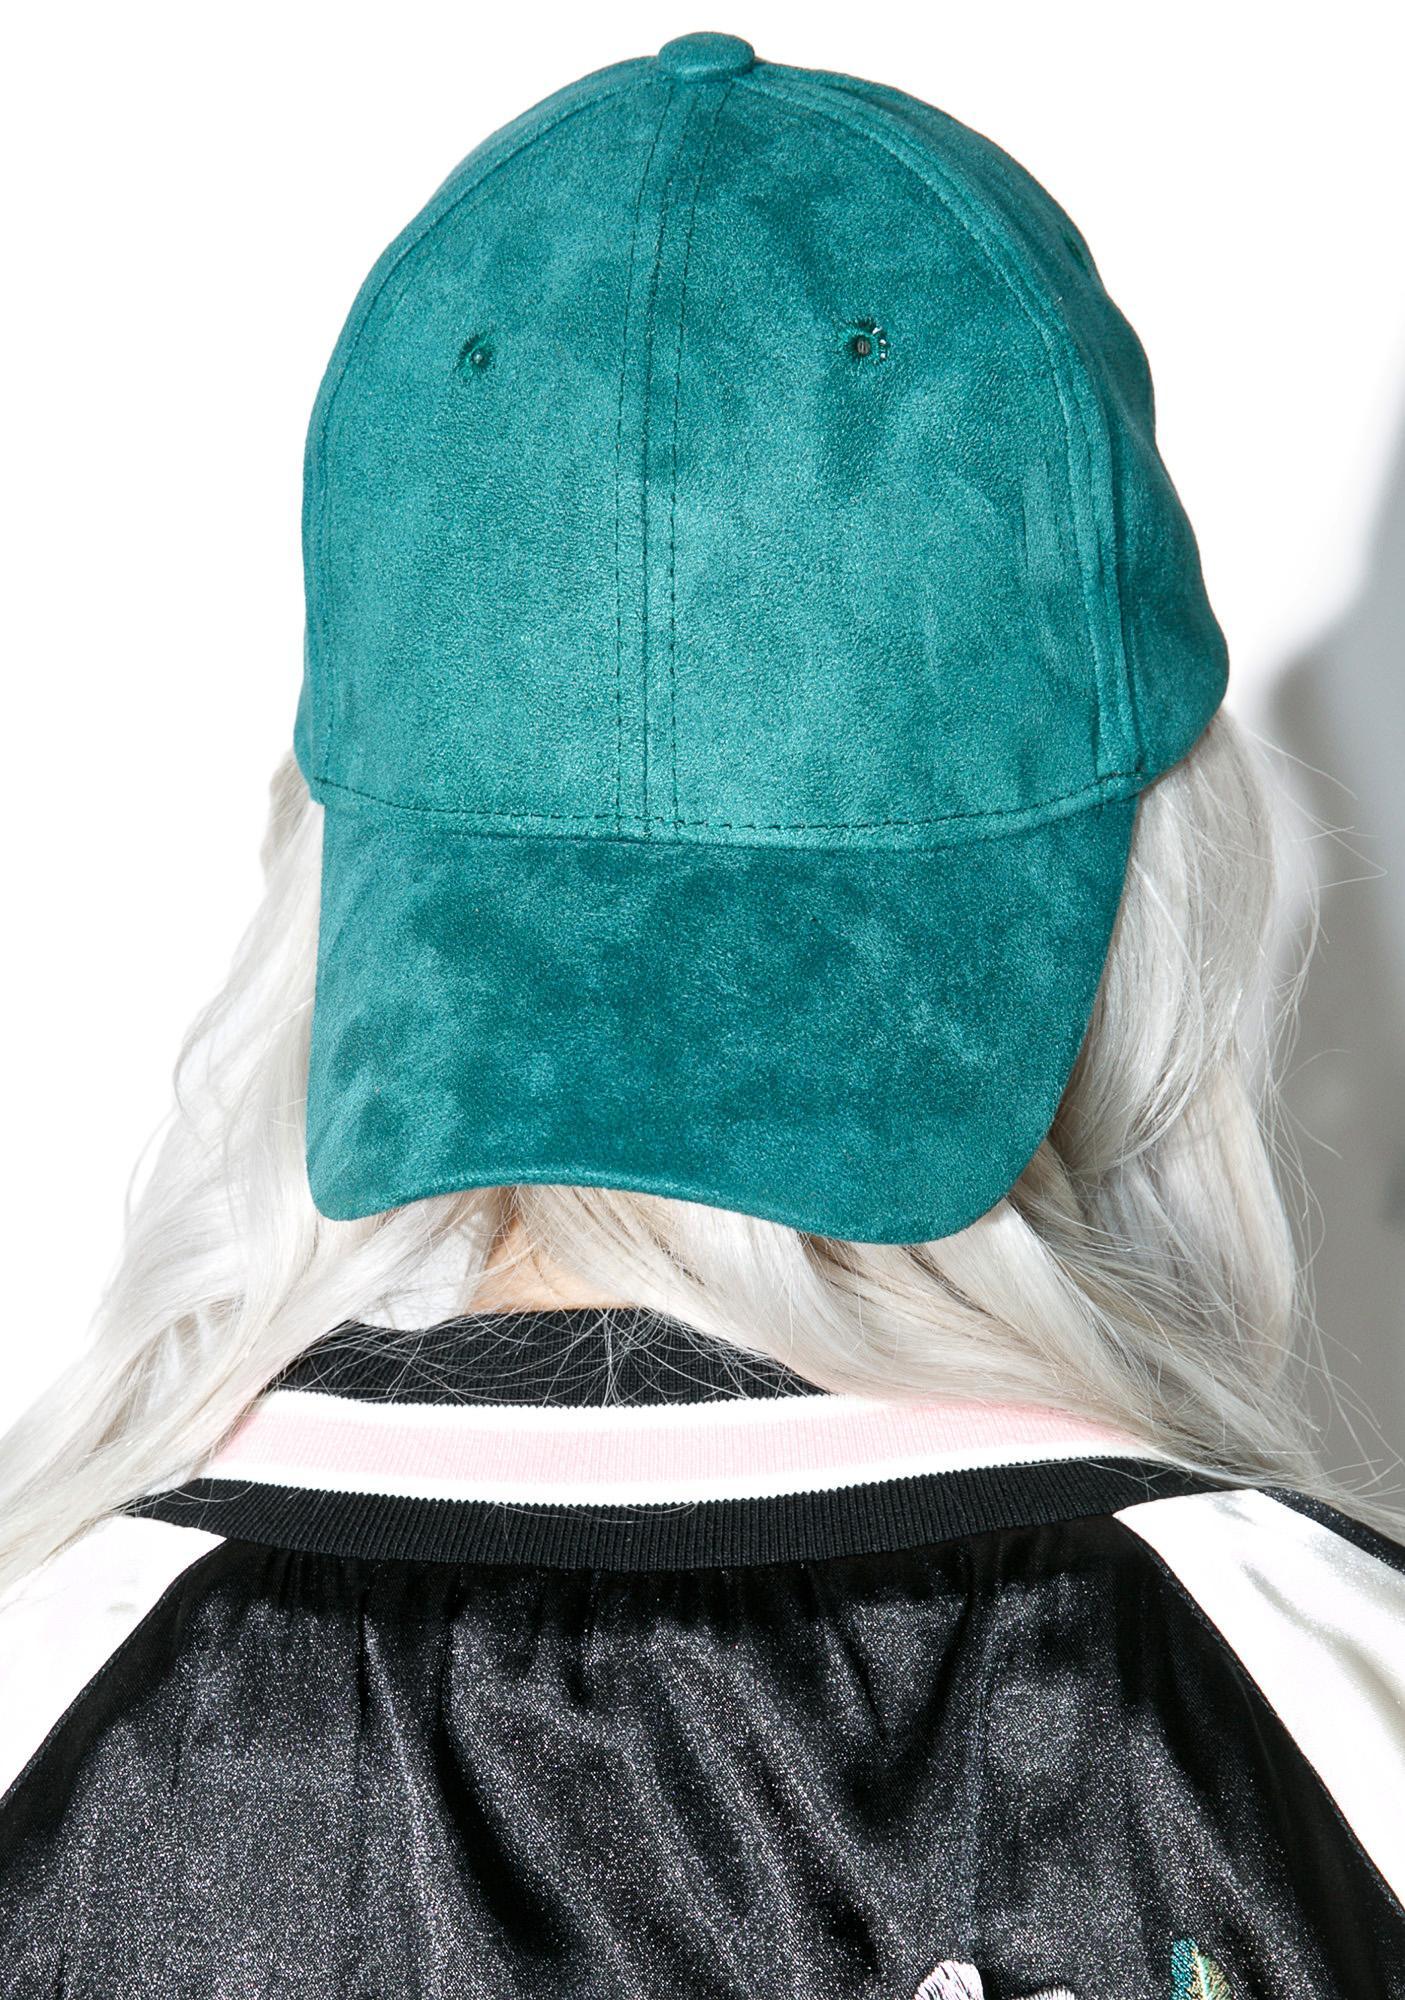 Preshwater Teal Cap